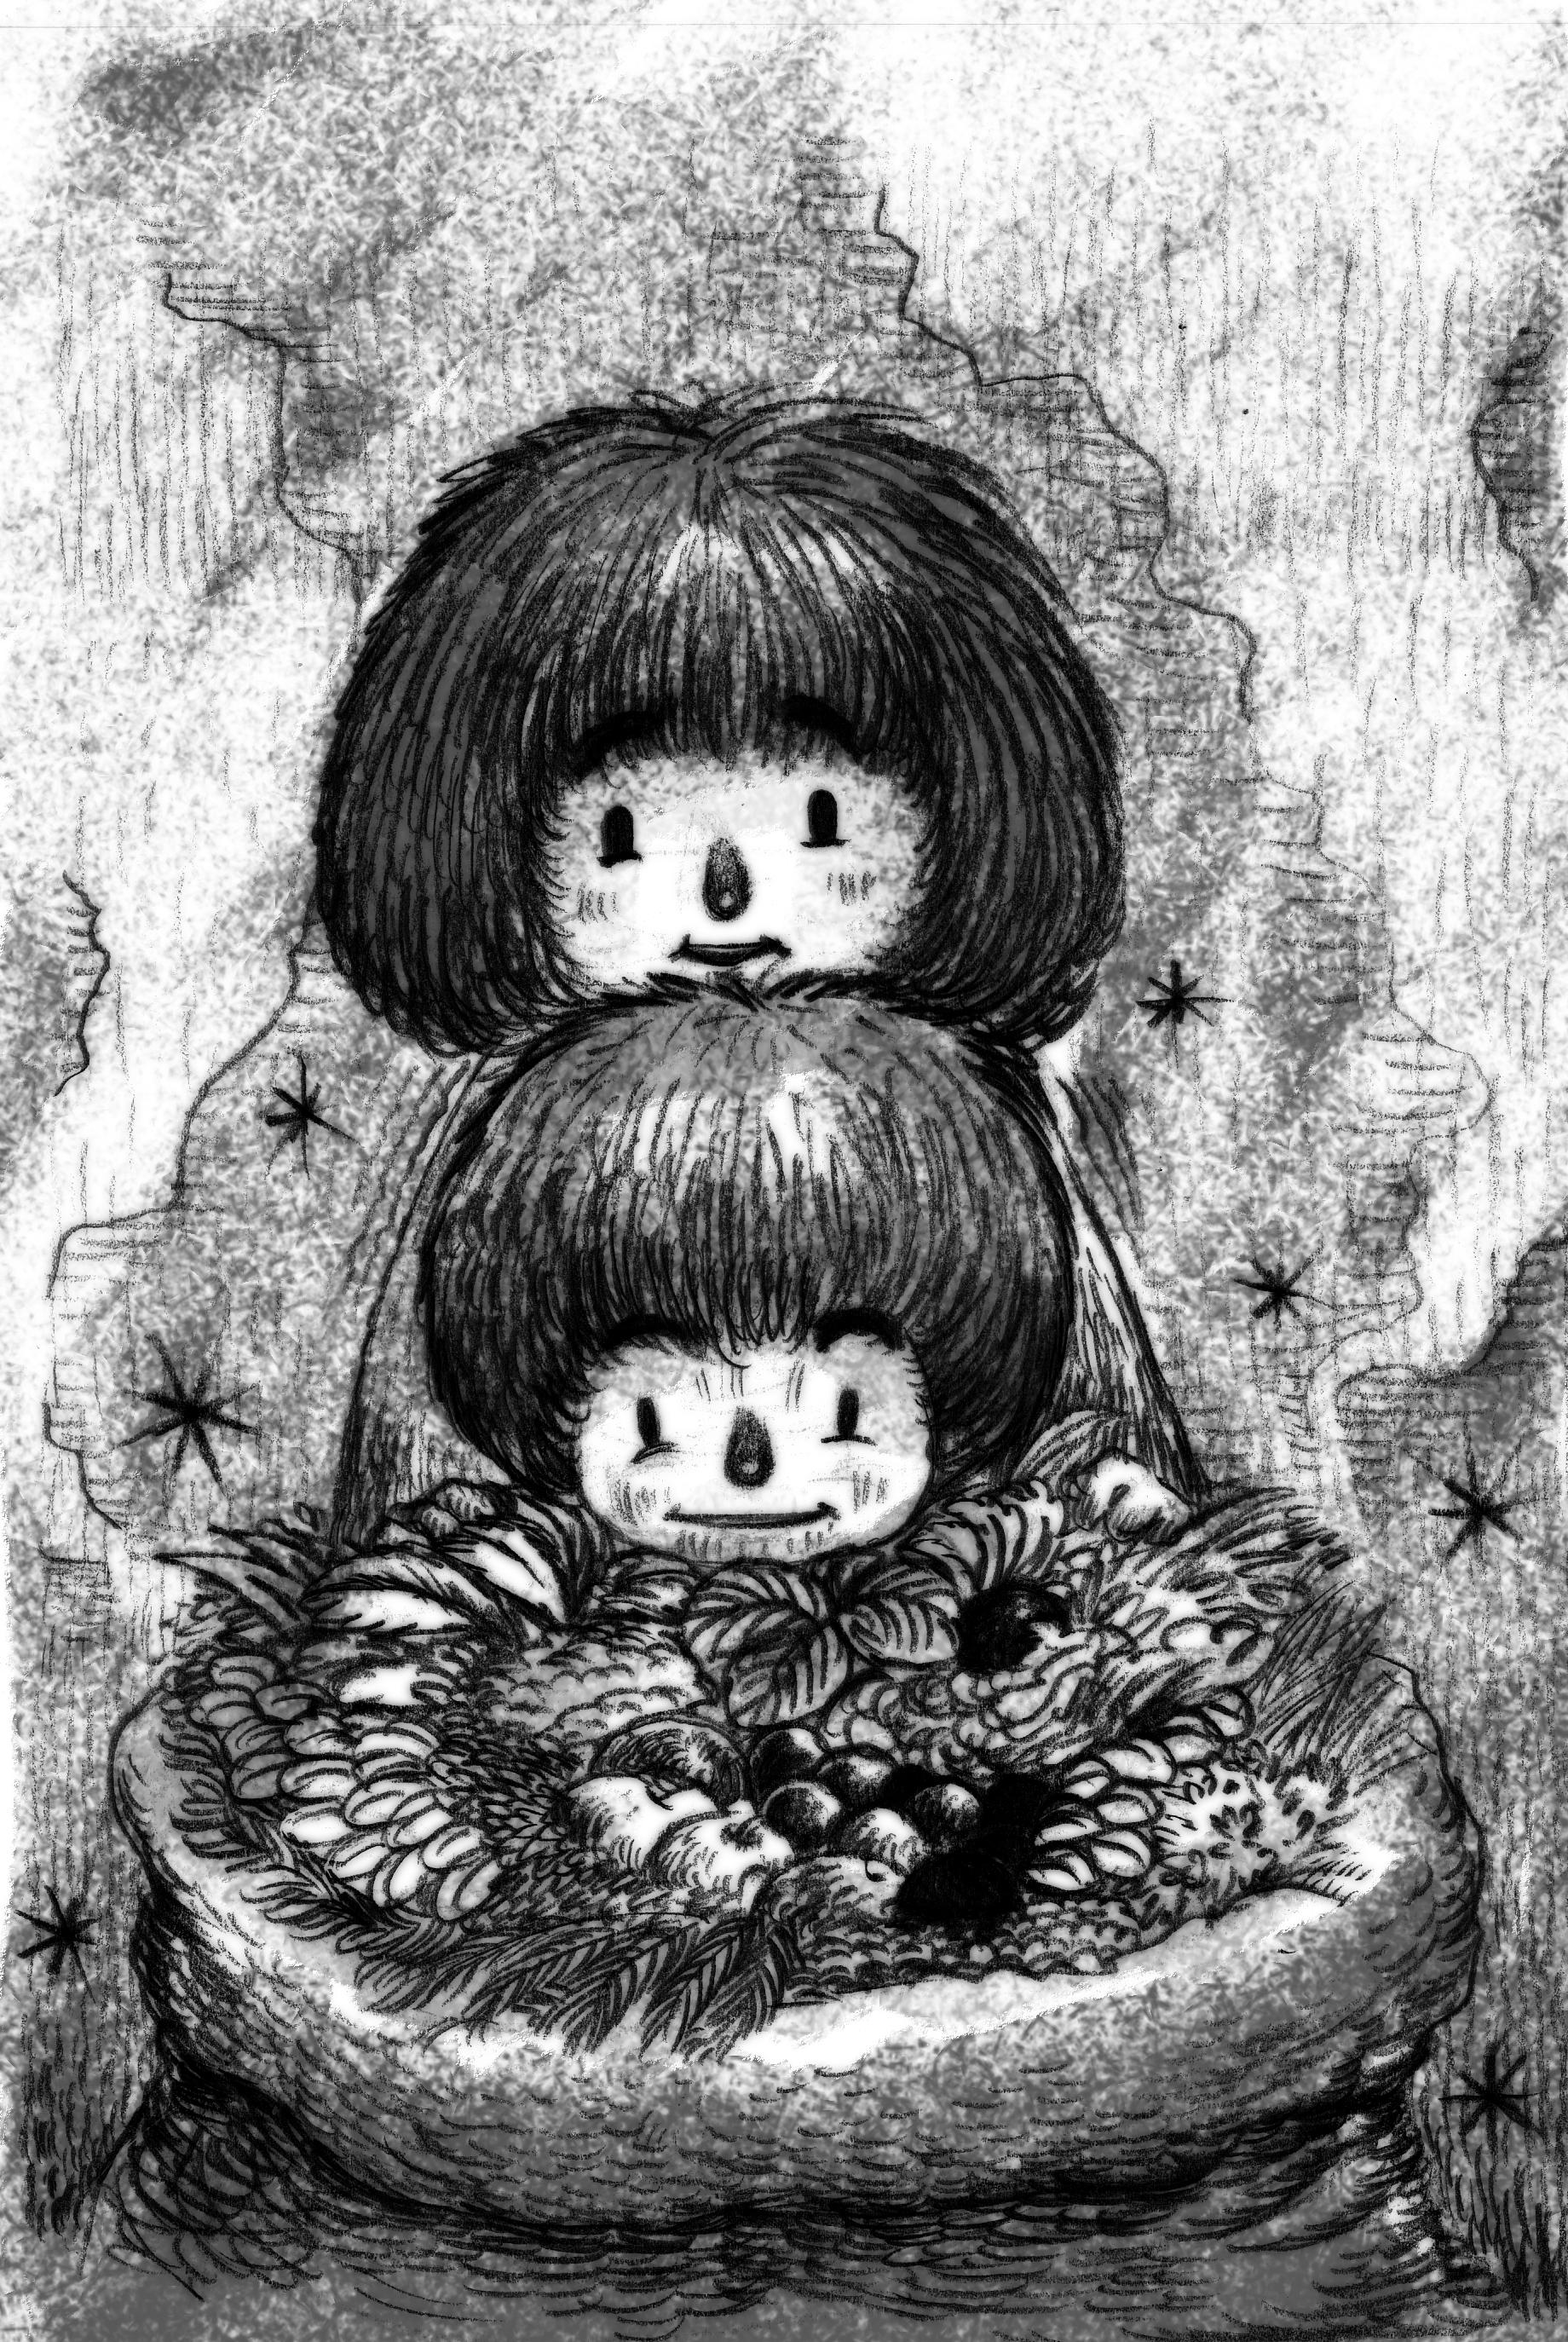 9) เด็กทั้งสองช่วยคุณยายเก็บสมุนไพร